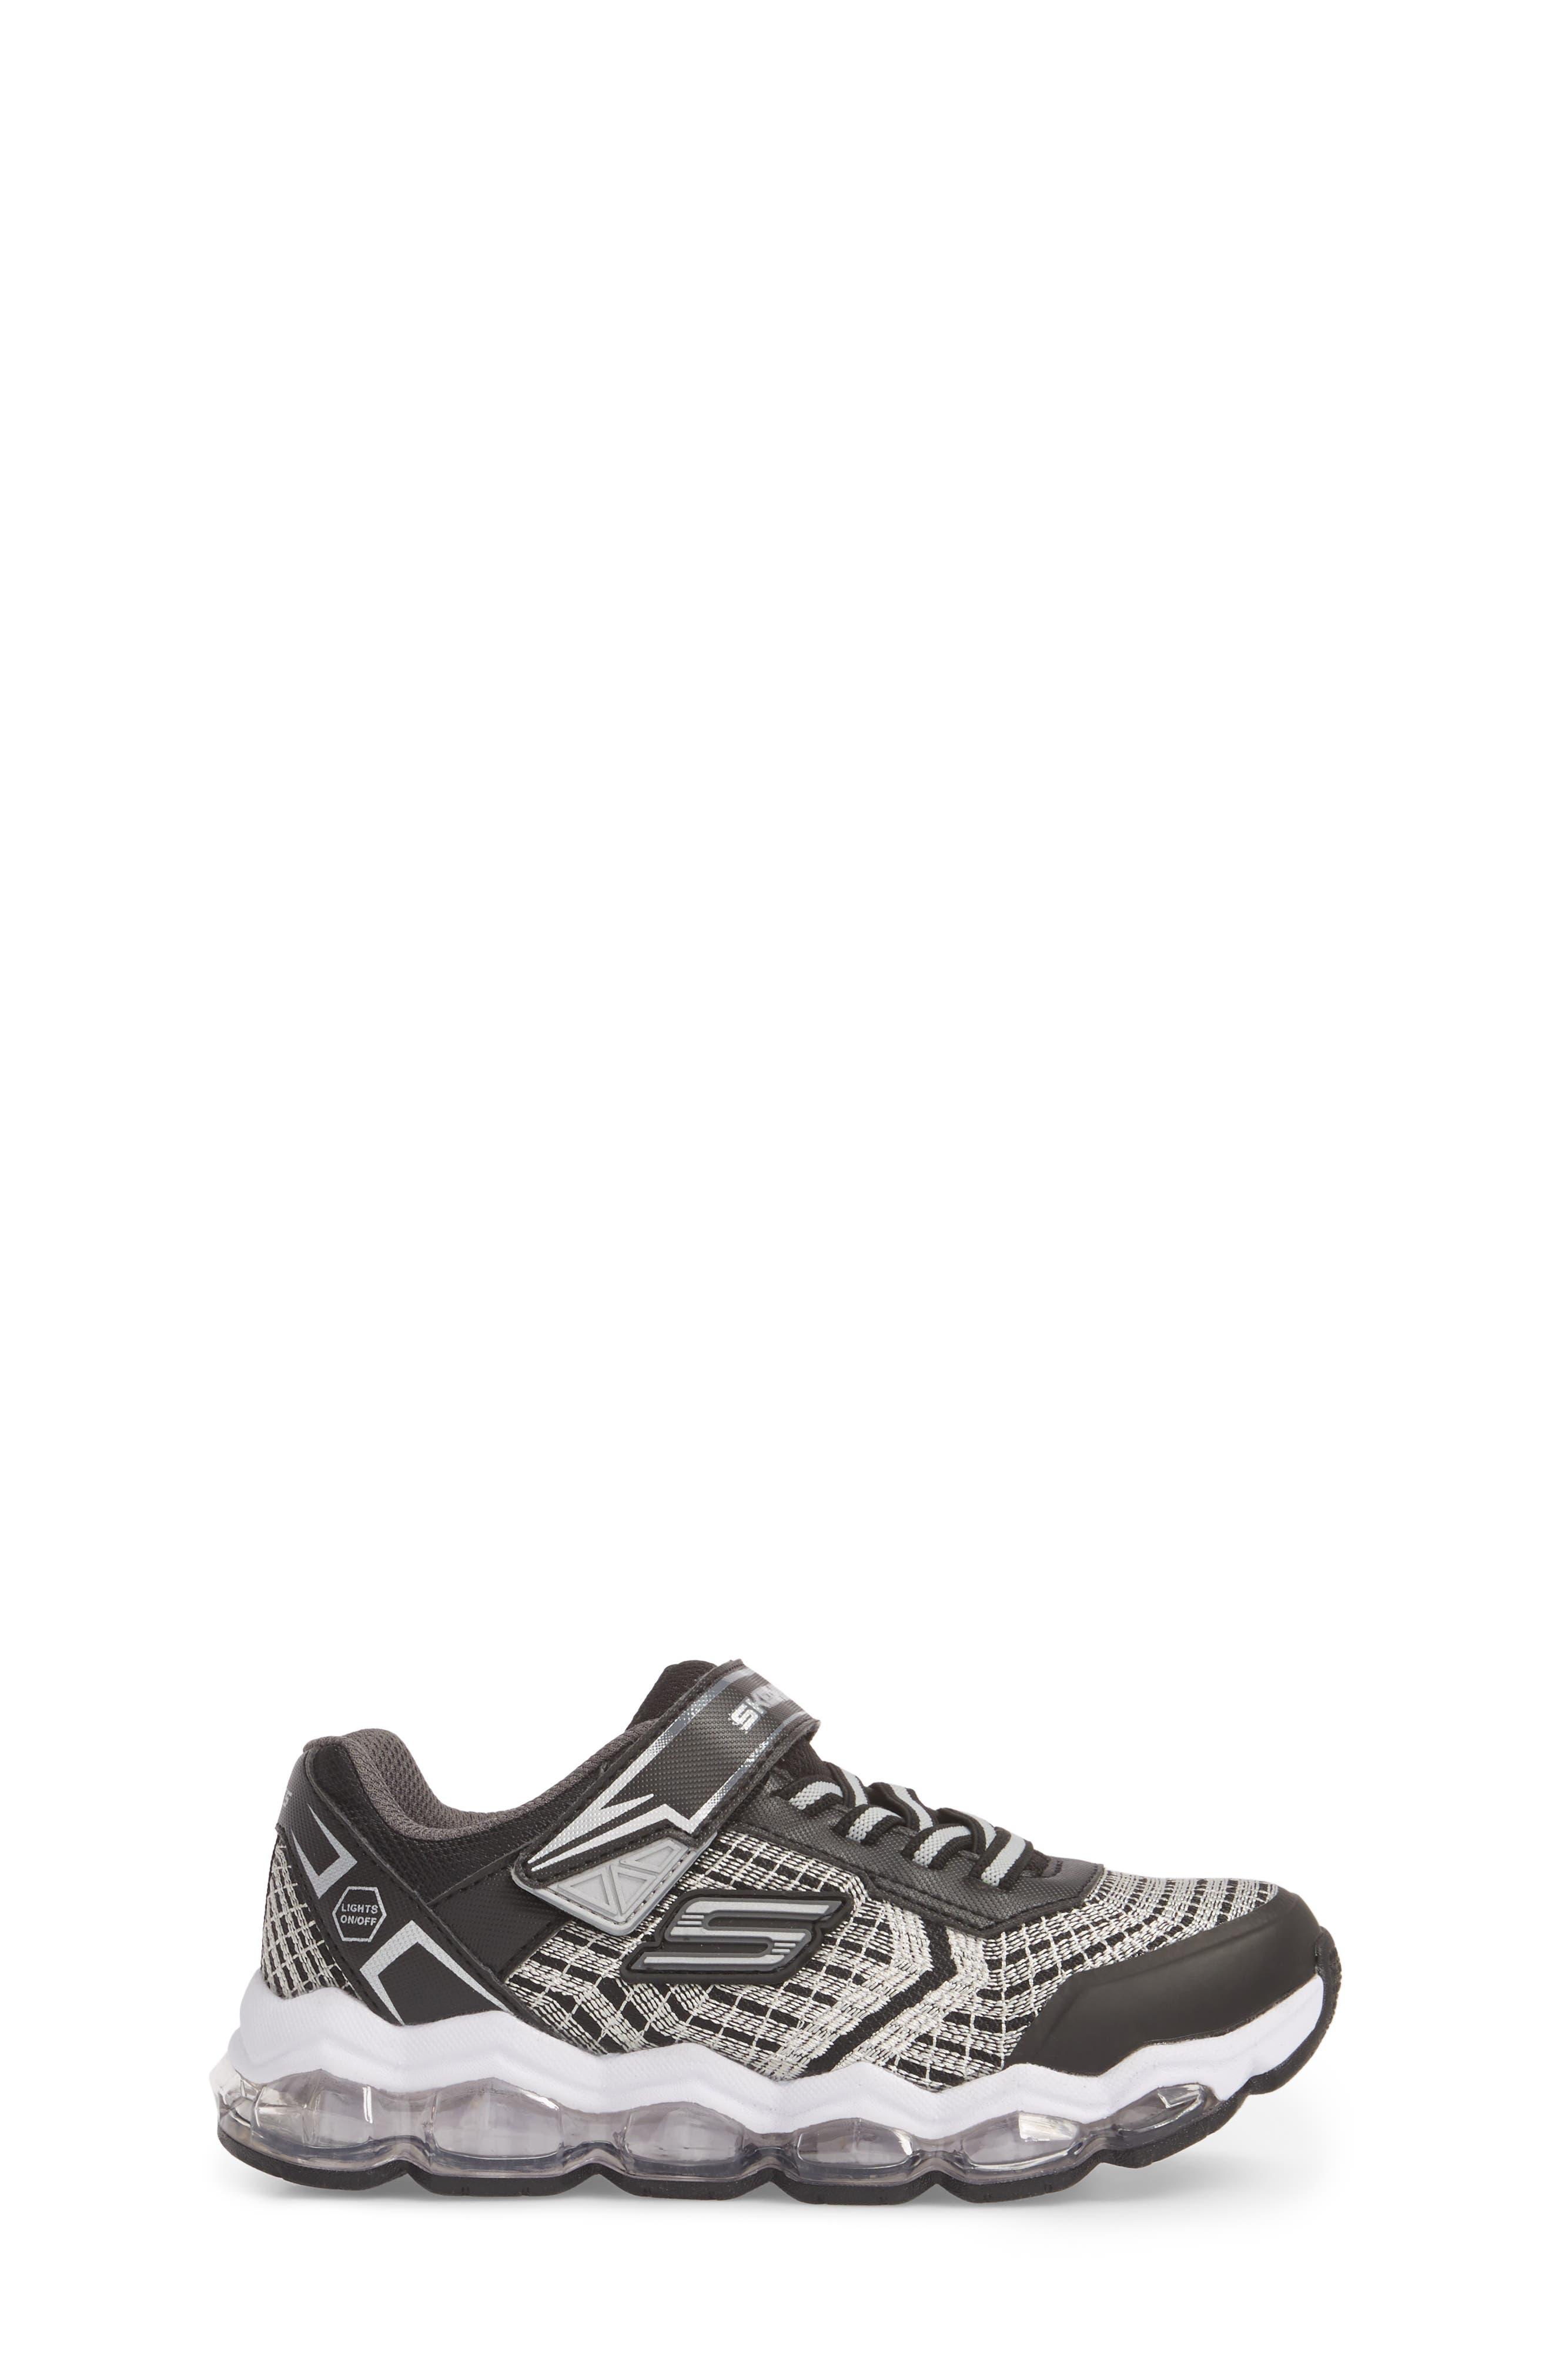 Energy Lights Sneaker,                             Alternate thumbnail 3, color,                             Black/ Silver